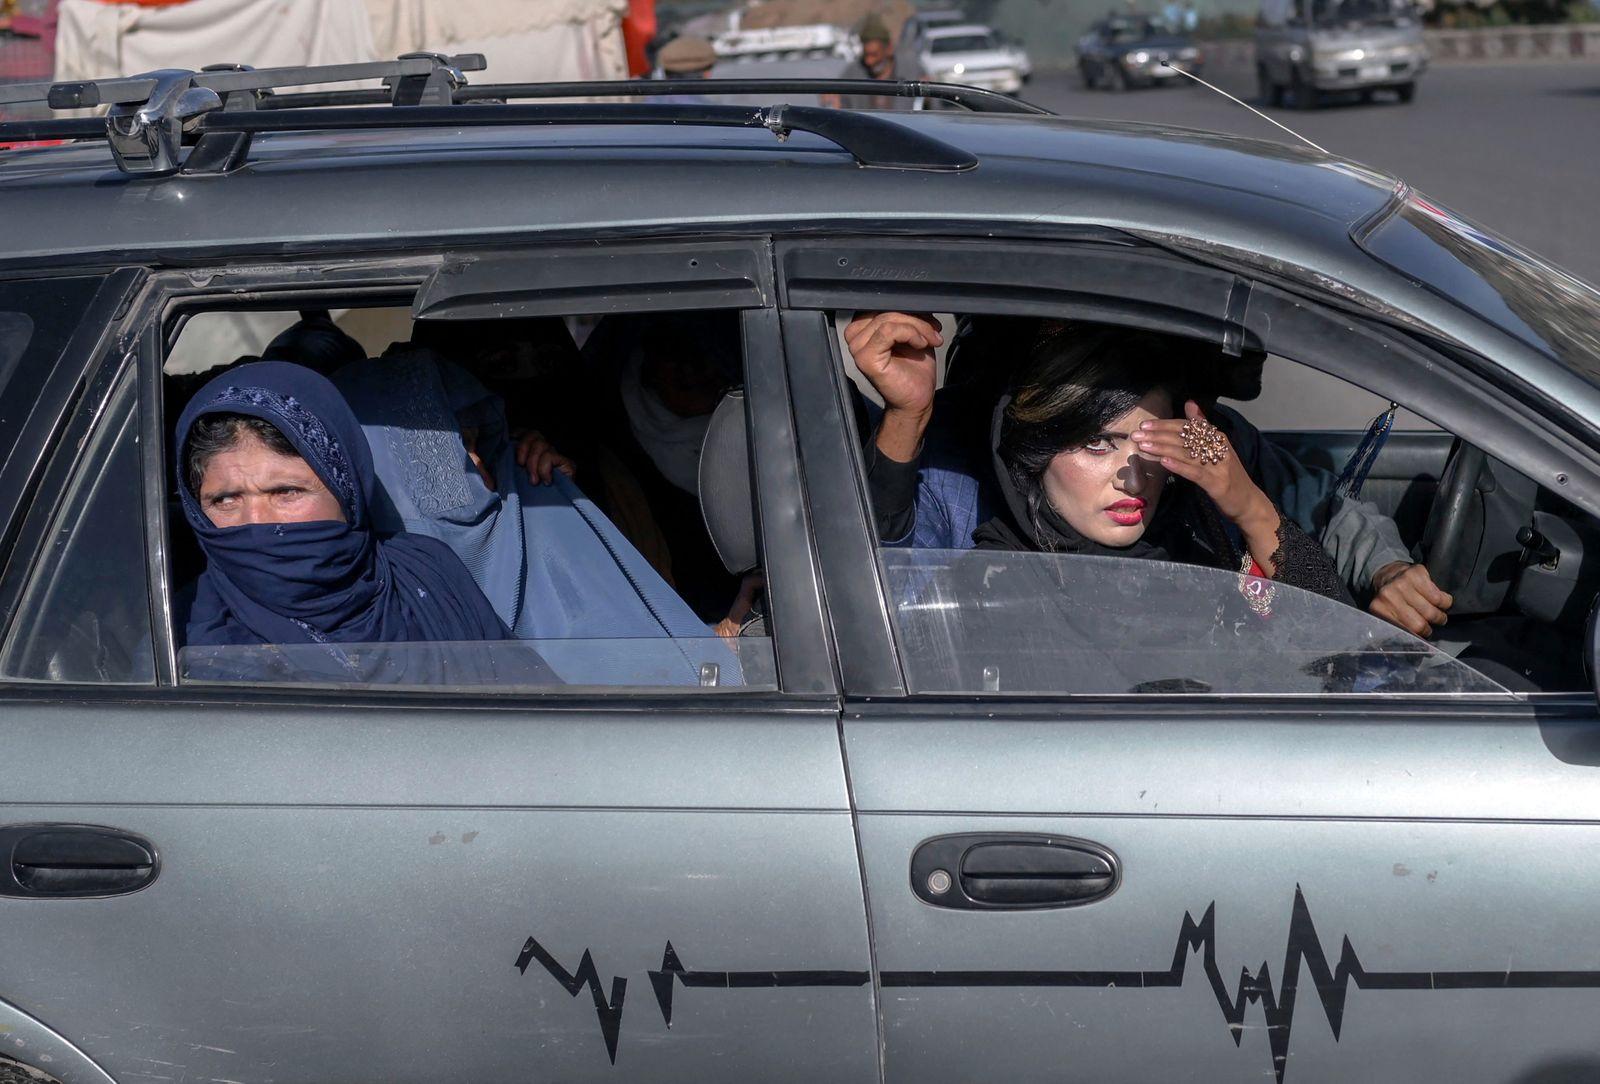 TOPSHOT-AFGHANISTAN-SOCIETY-PEOPLE